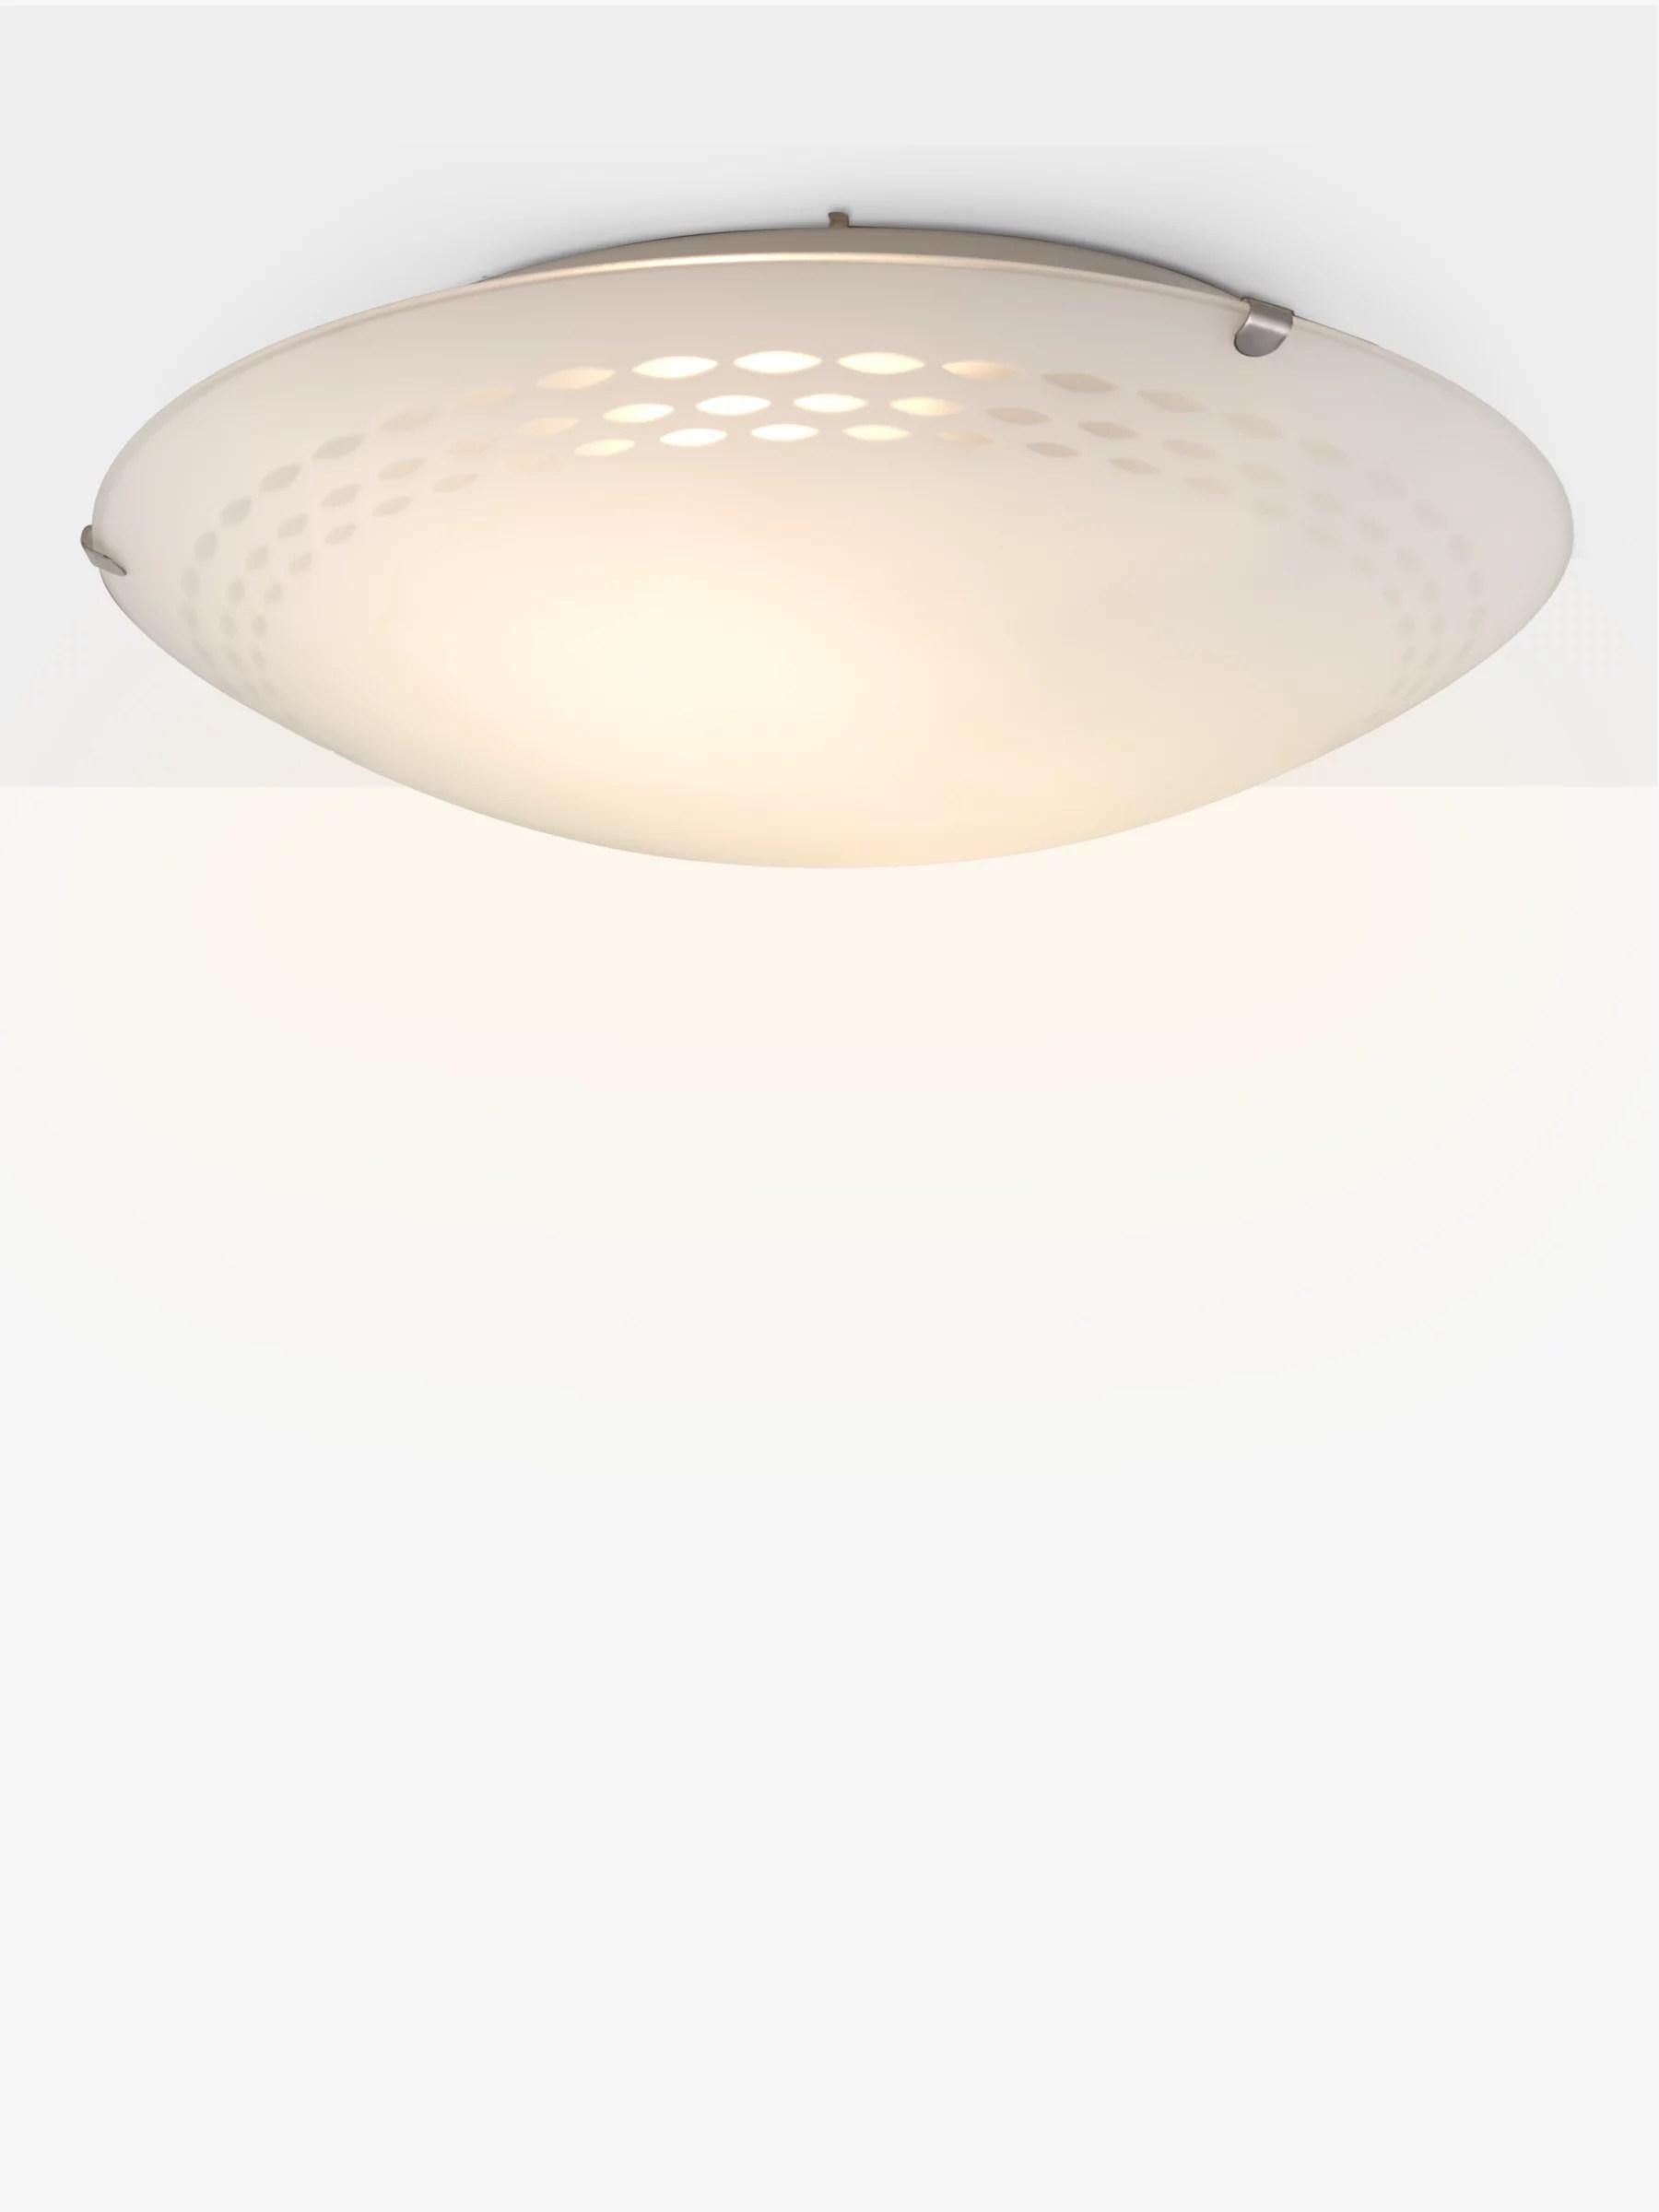 Flush Lighting